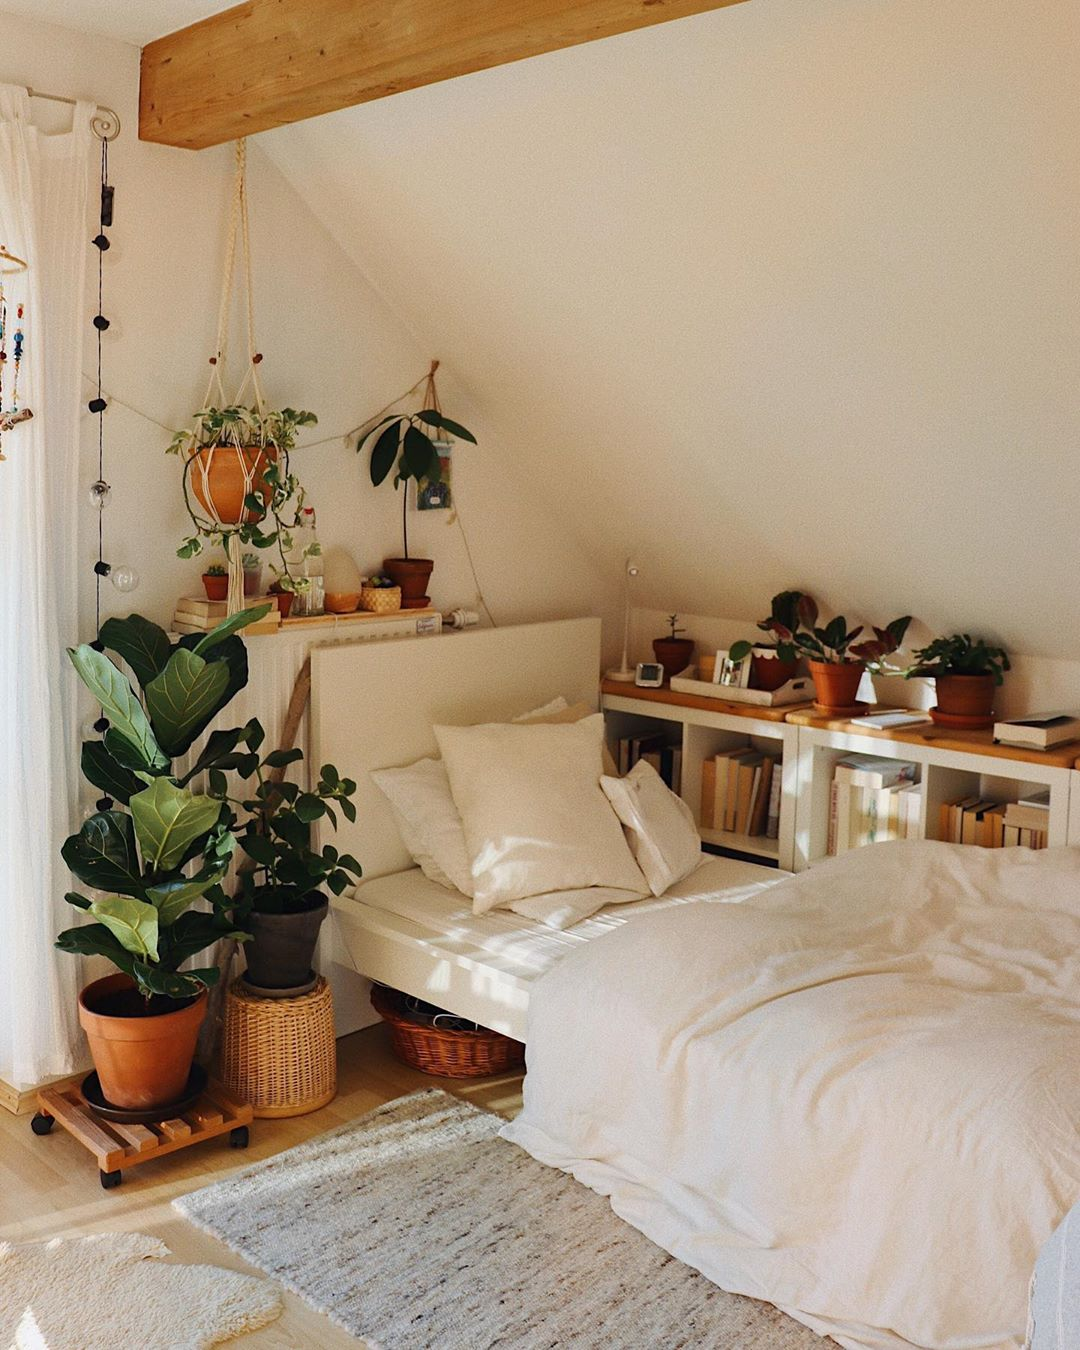 Как украсить комнату в общежитии фото_5